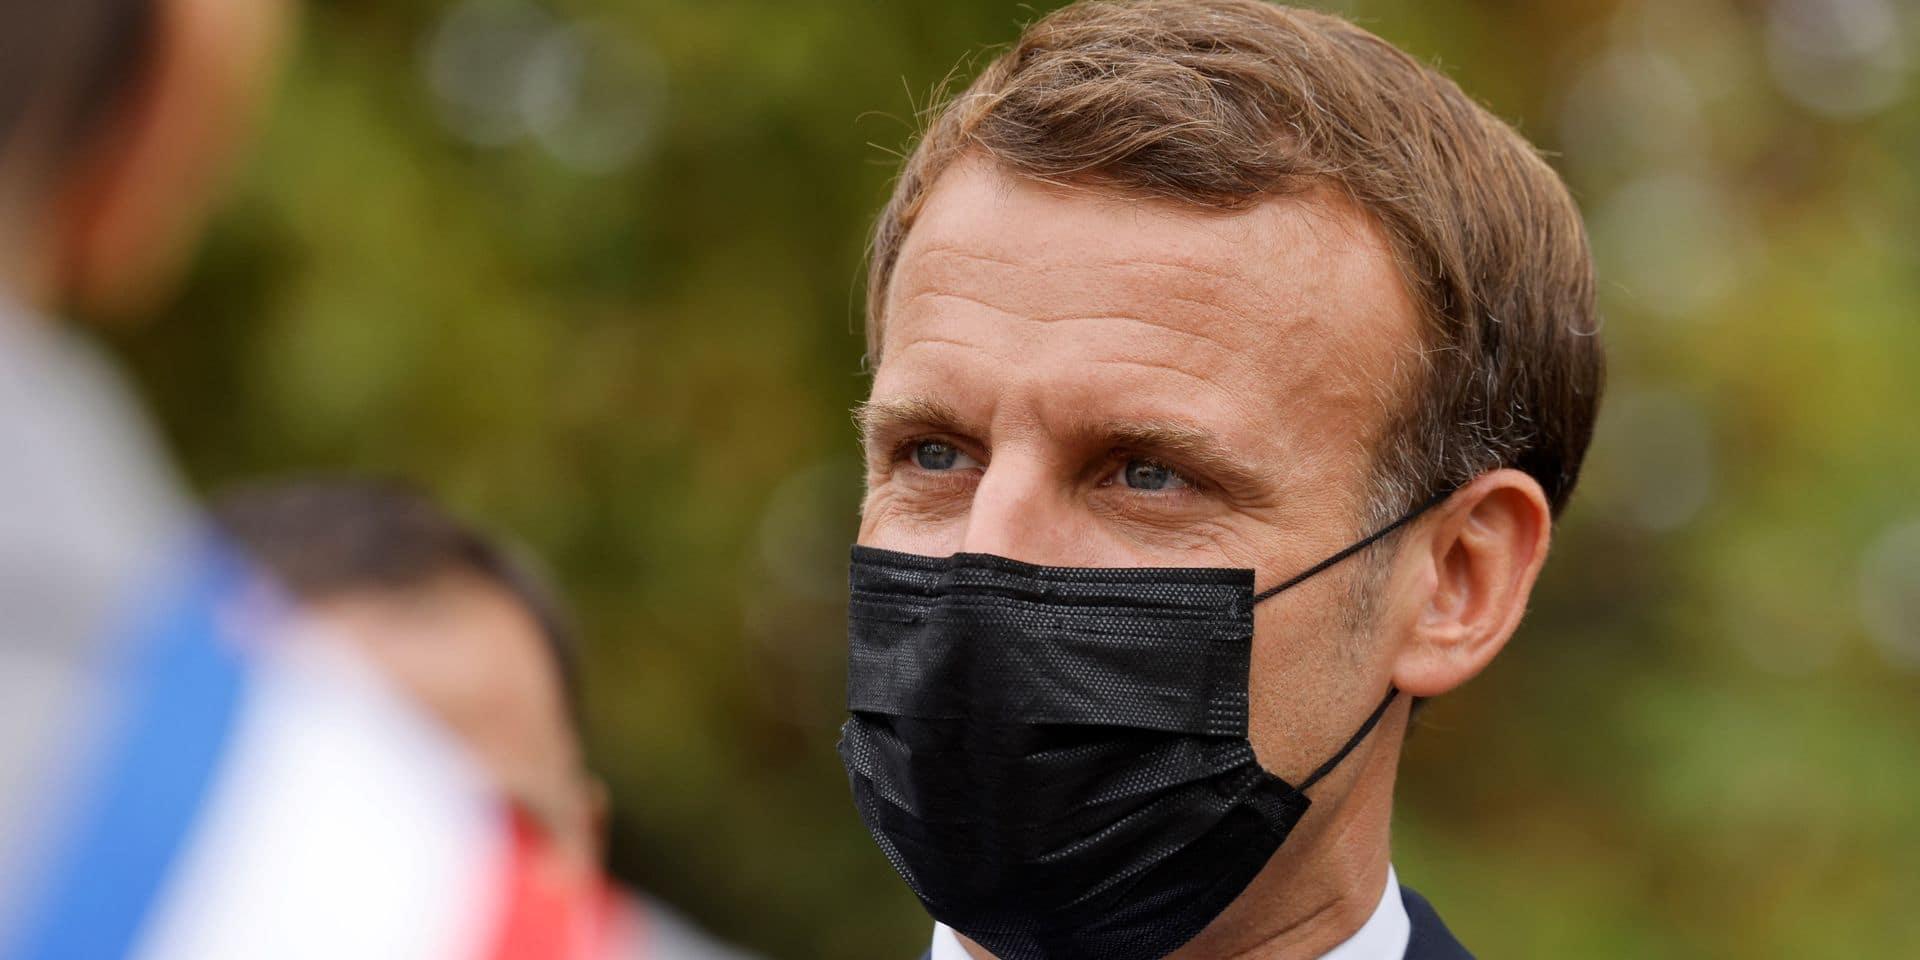 """Un Escape Game en France propose de tuer Emmanuel Macron : """"C'est de l'ironie"""", se défend la gérante"""